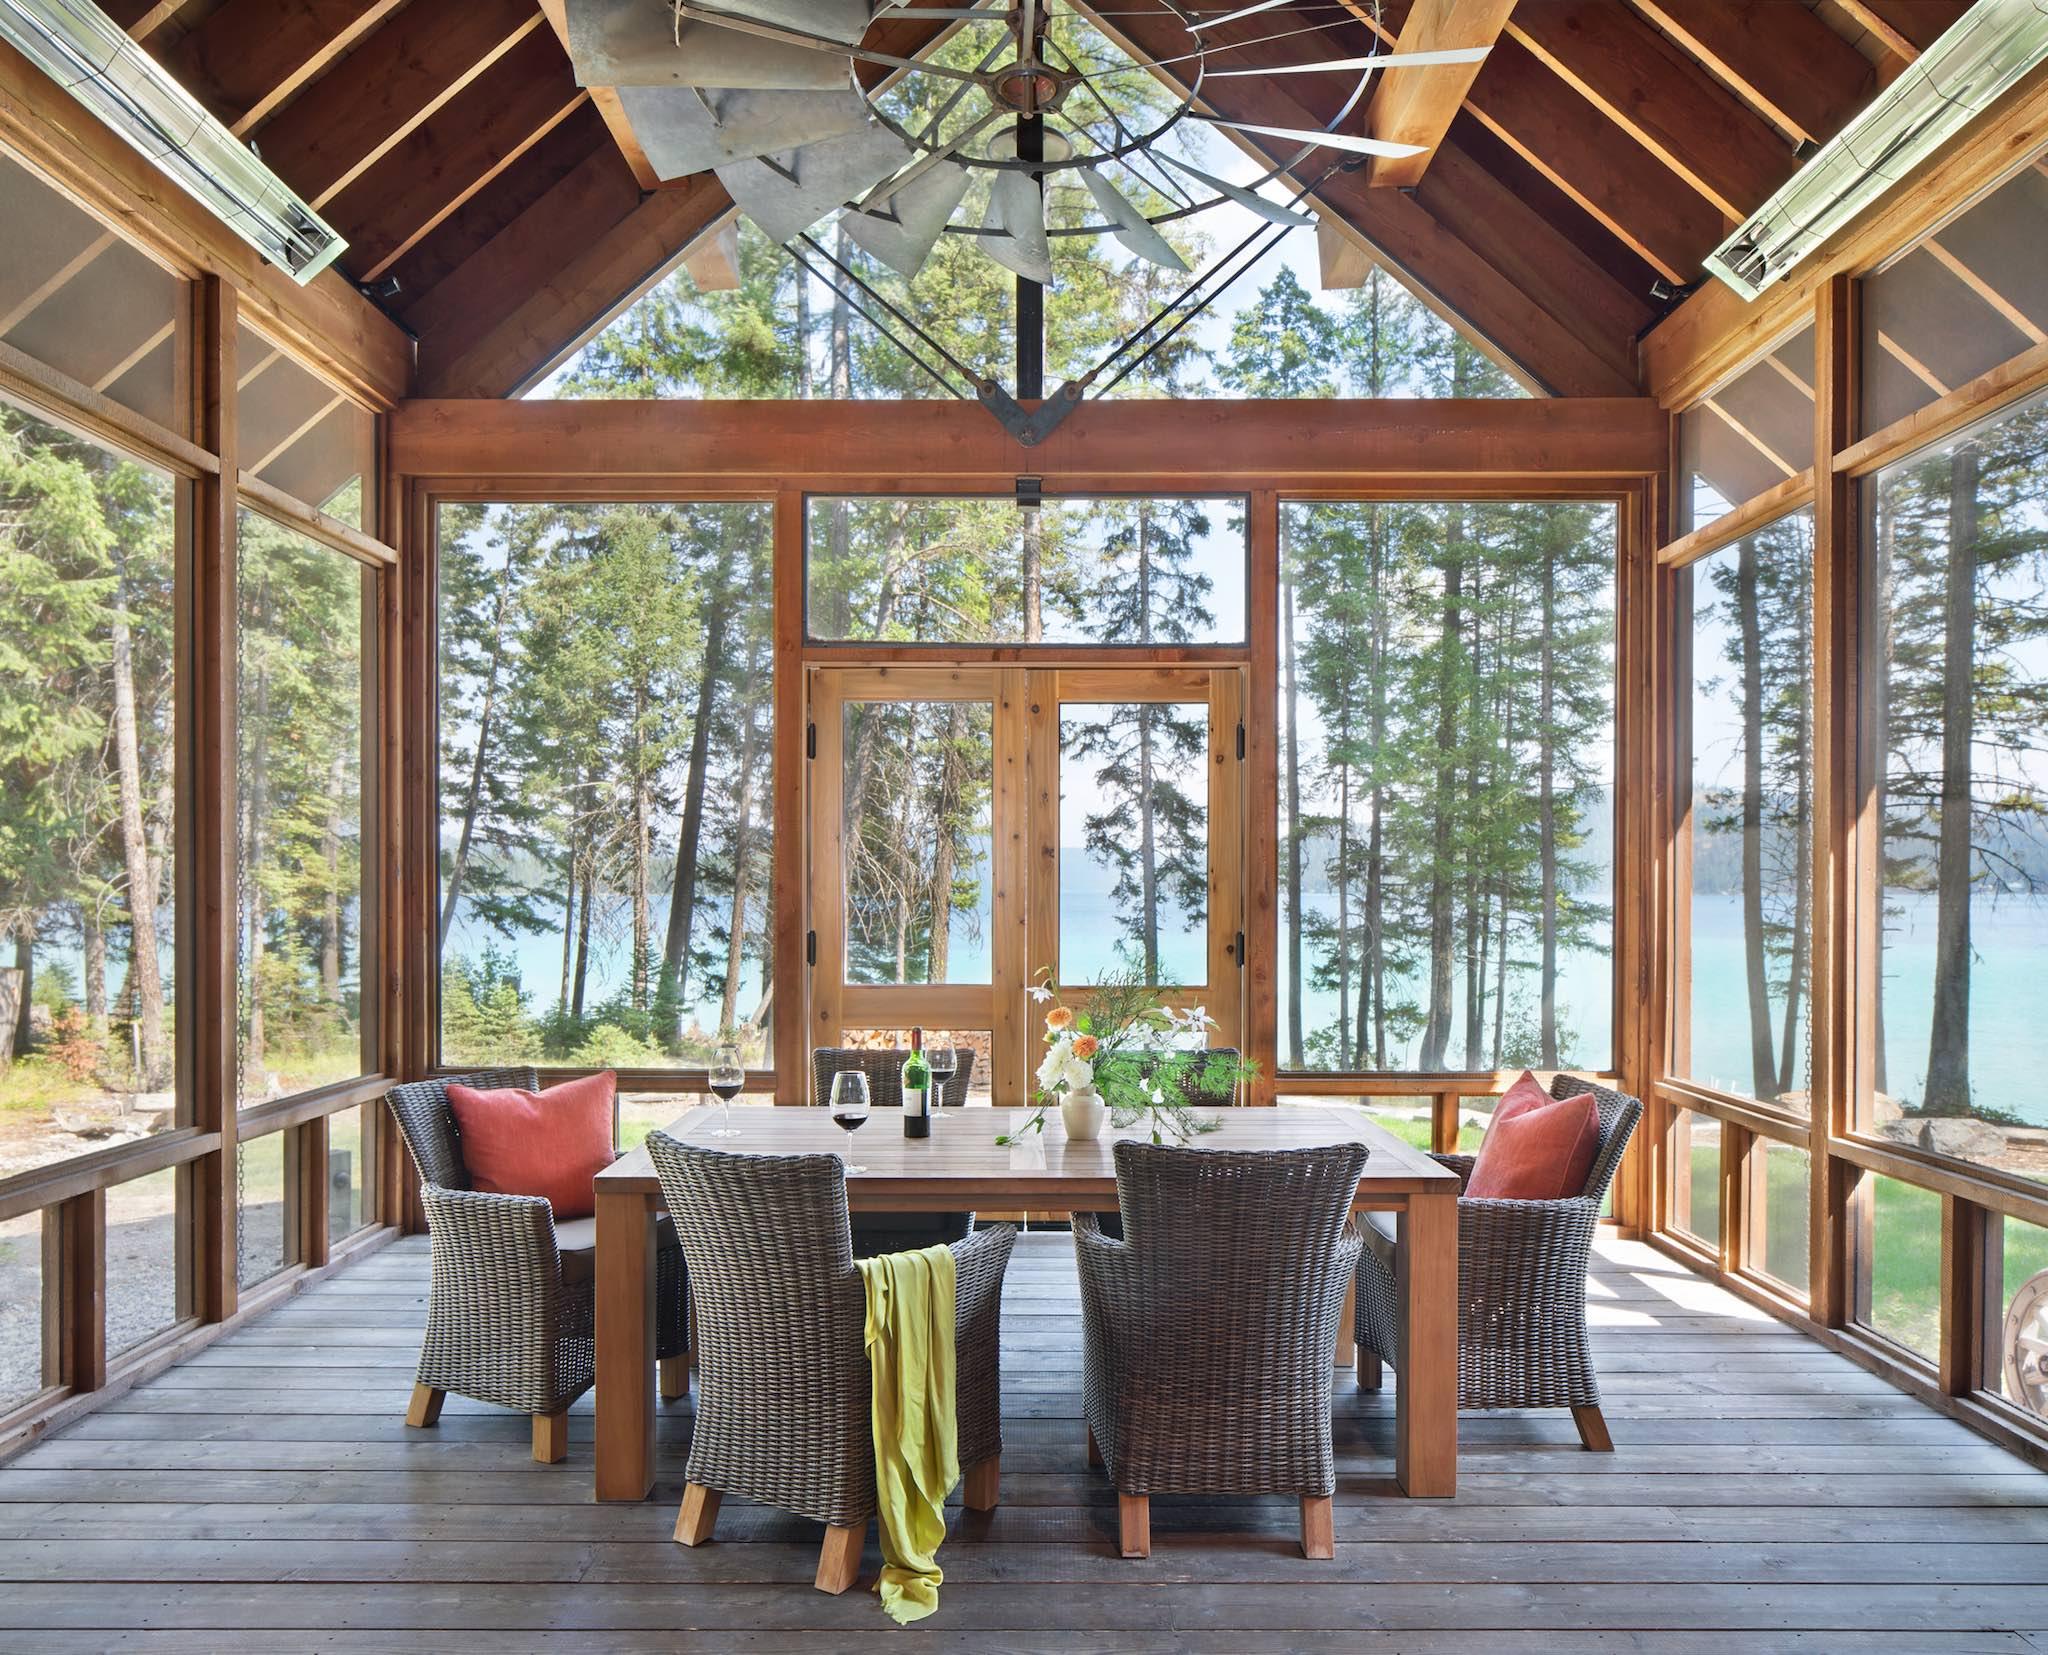 Salish Mountain Cabin - Kalispell, Montana